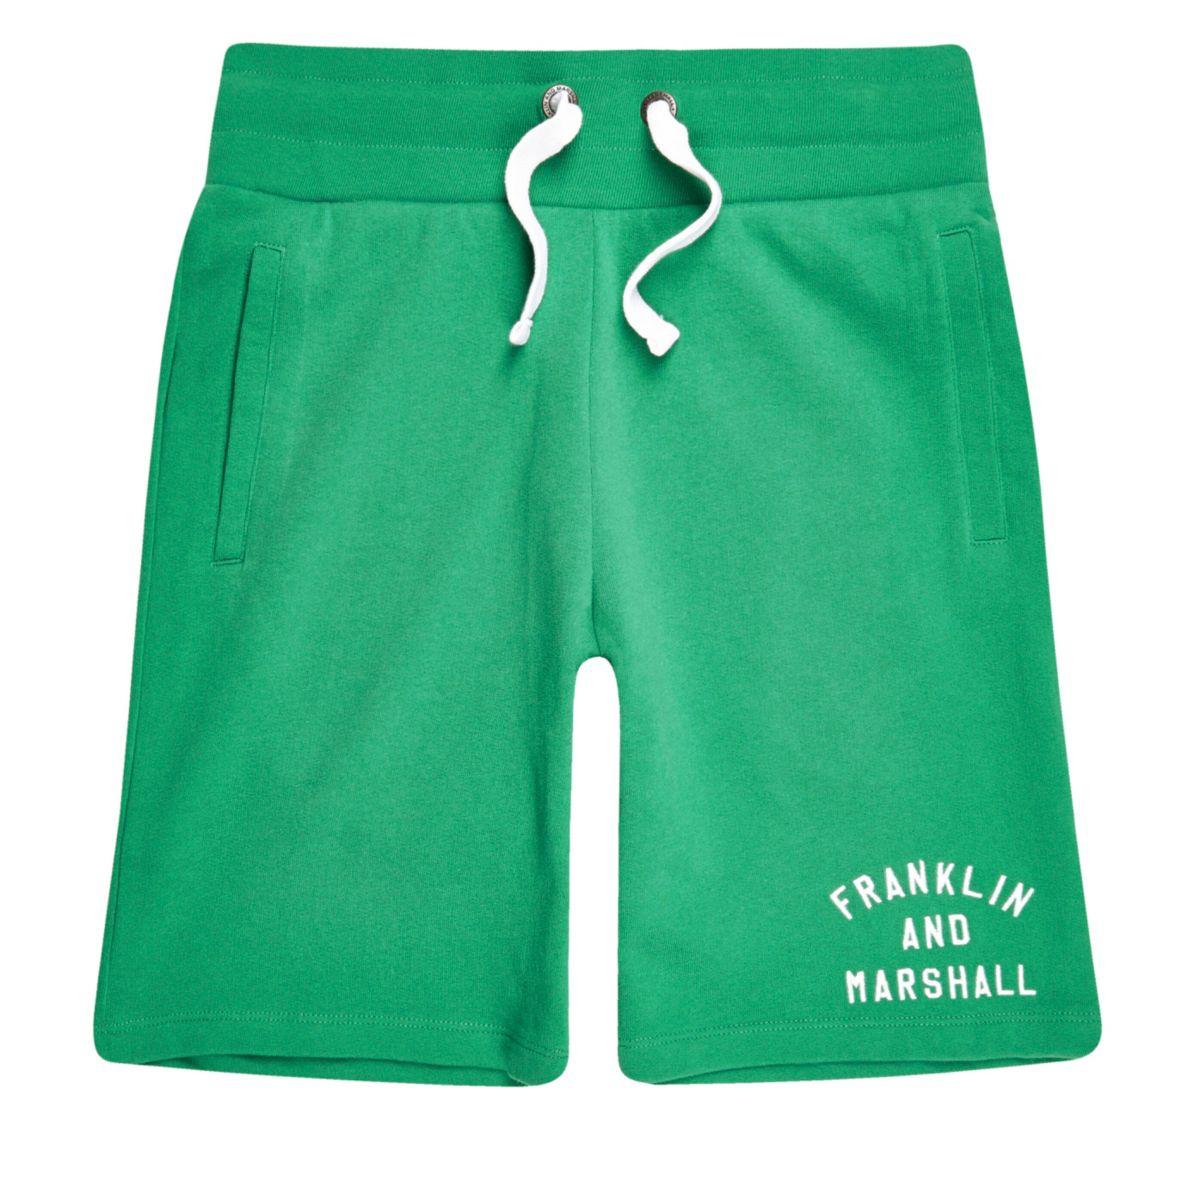 Green Franklin & Marshall fleece shorts